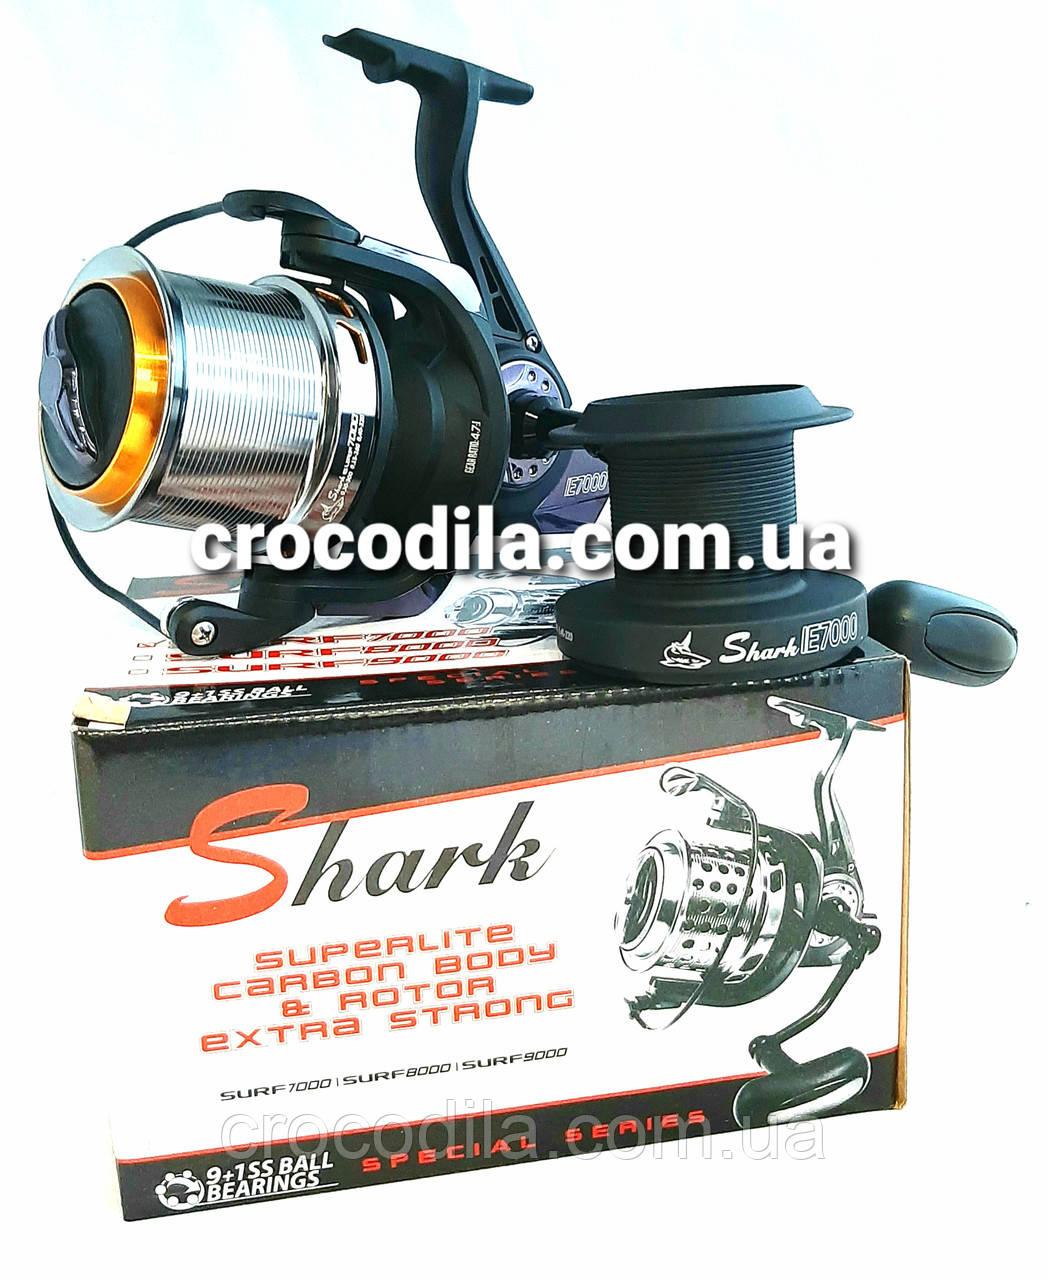 Серфовая  катушка Shark Surf 7000  IE 7000